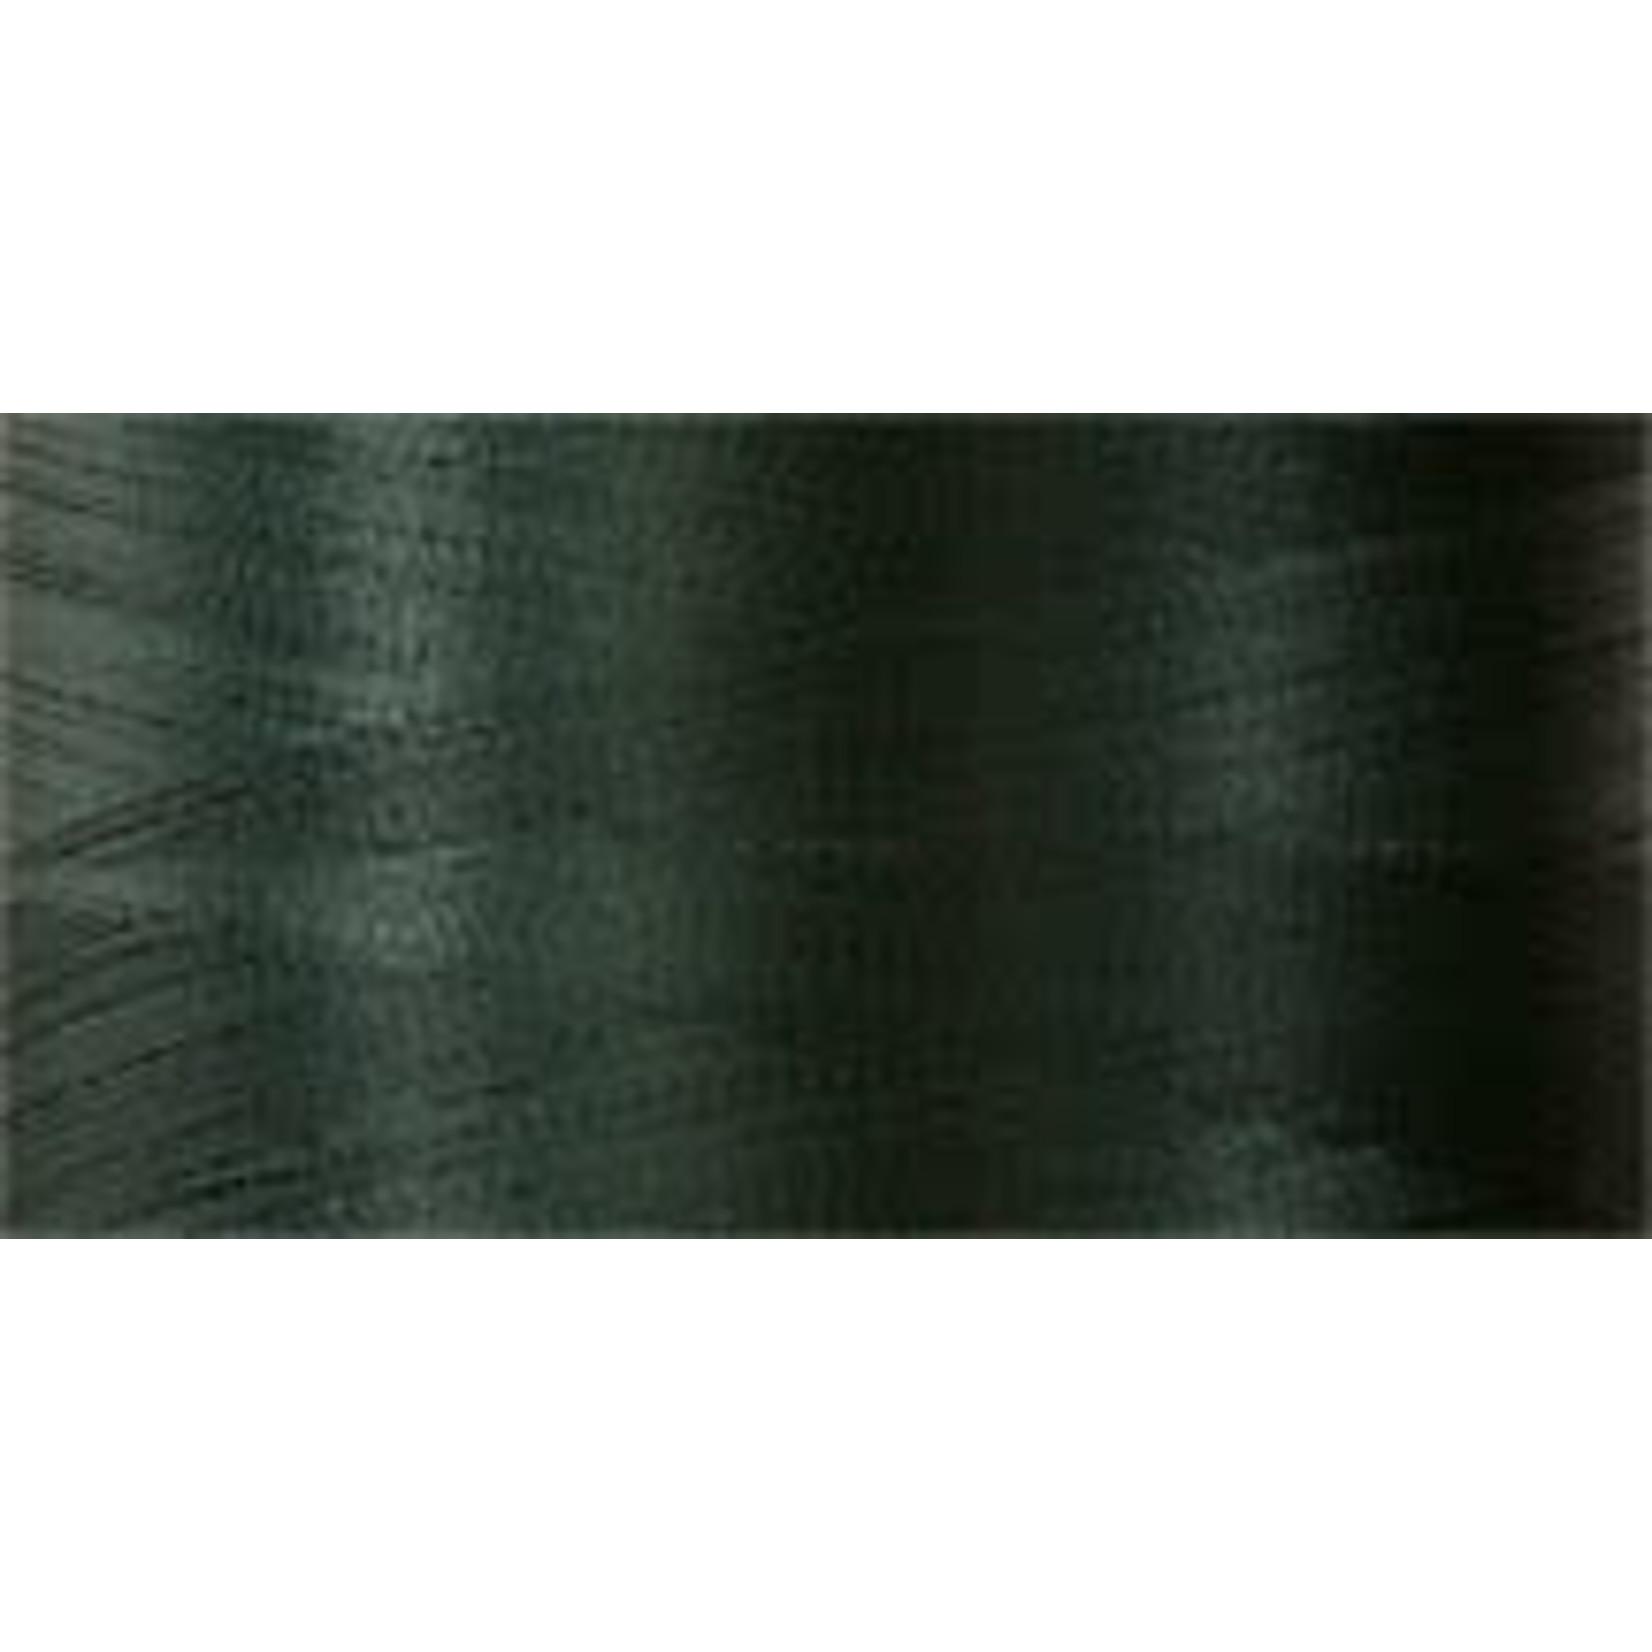 Superior Threads Bottom Line - #60 - 1300 m - 647 Dark Sage